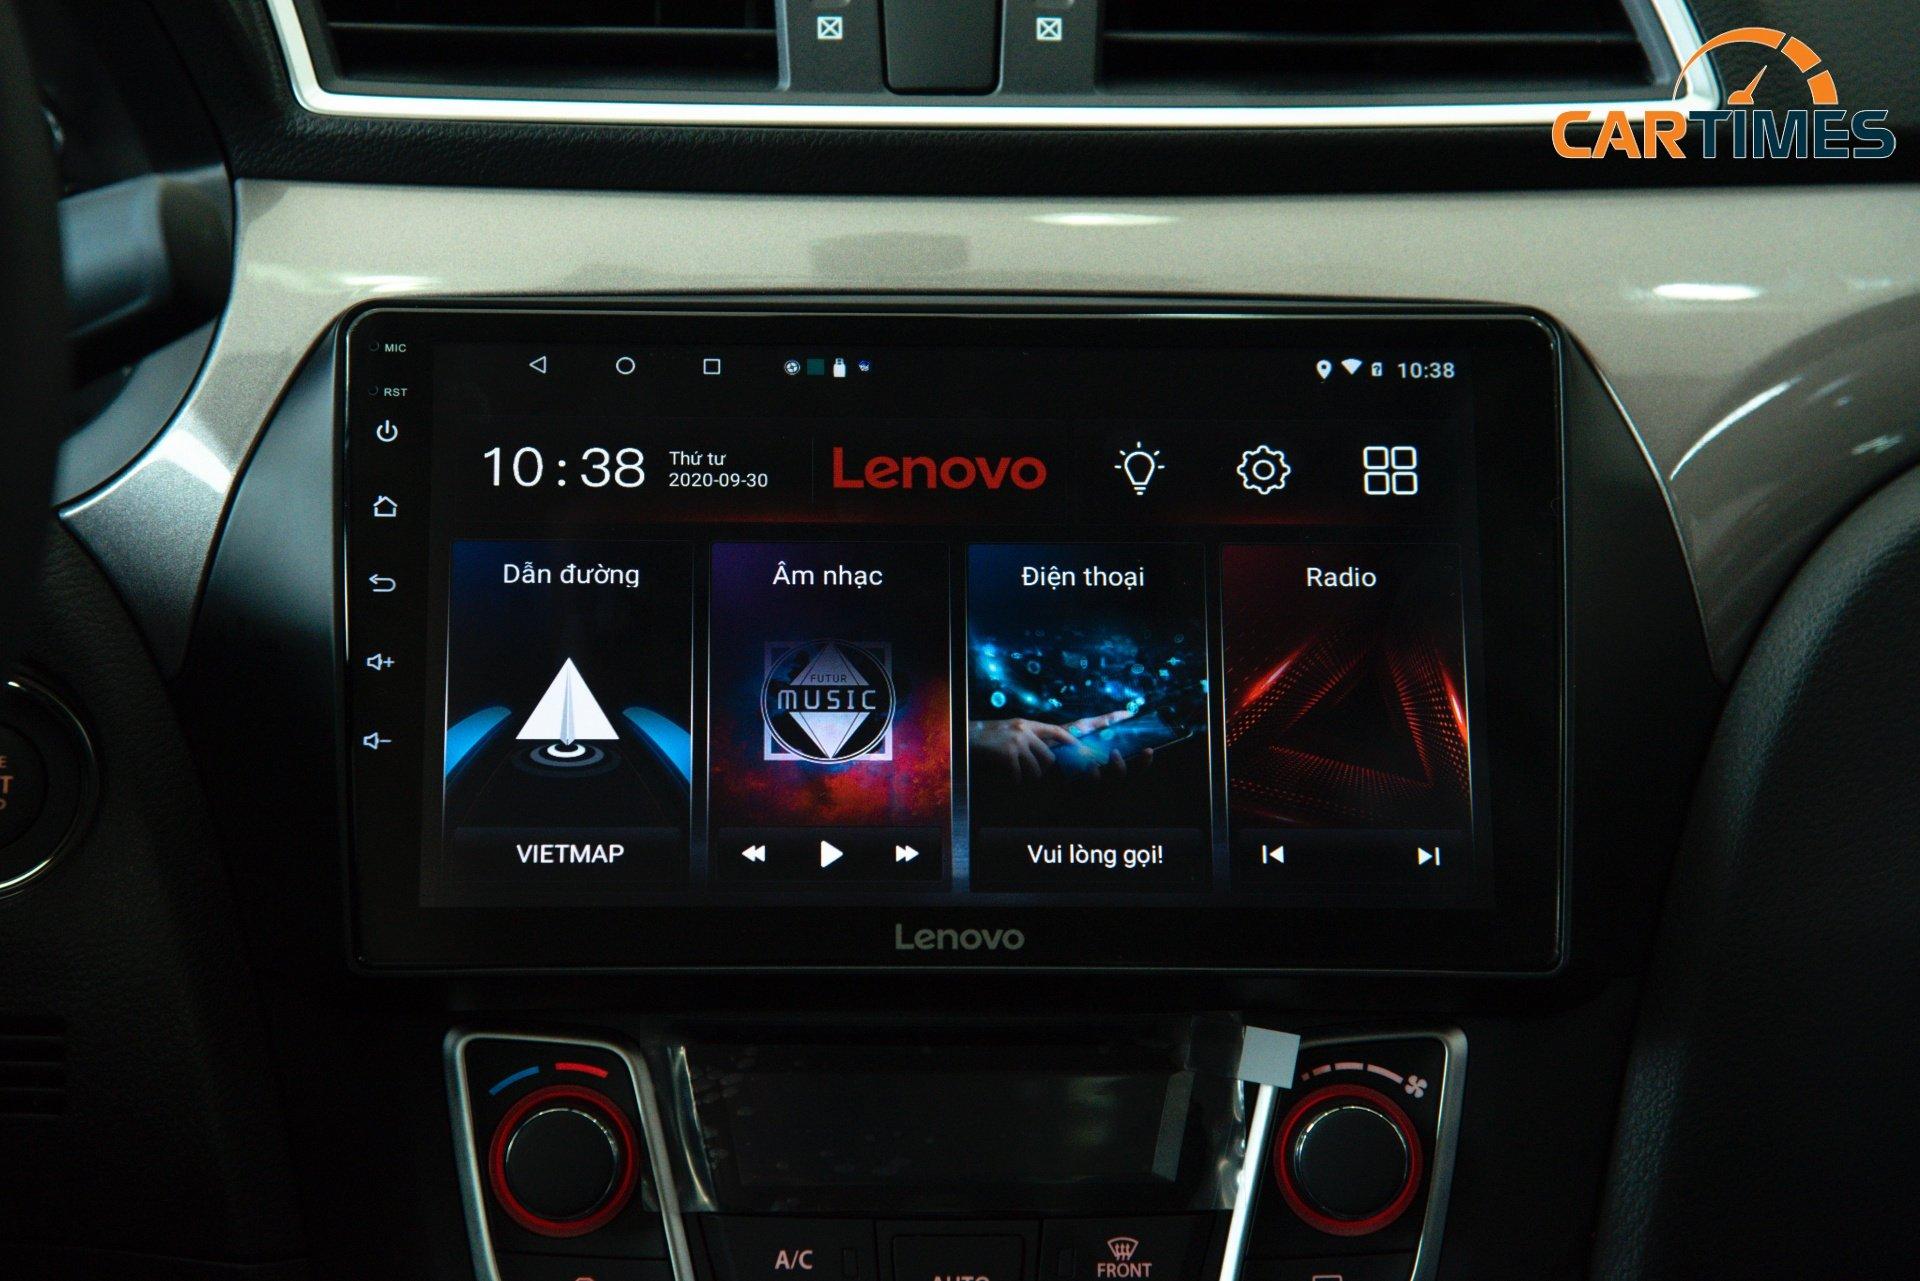 Chi tiết xe Suzuki Ciaz 2020 tại đại lý: Nâng cấp ngoại thất, tích hợp sẵn camera hành trình -9